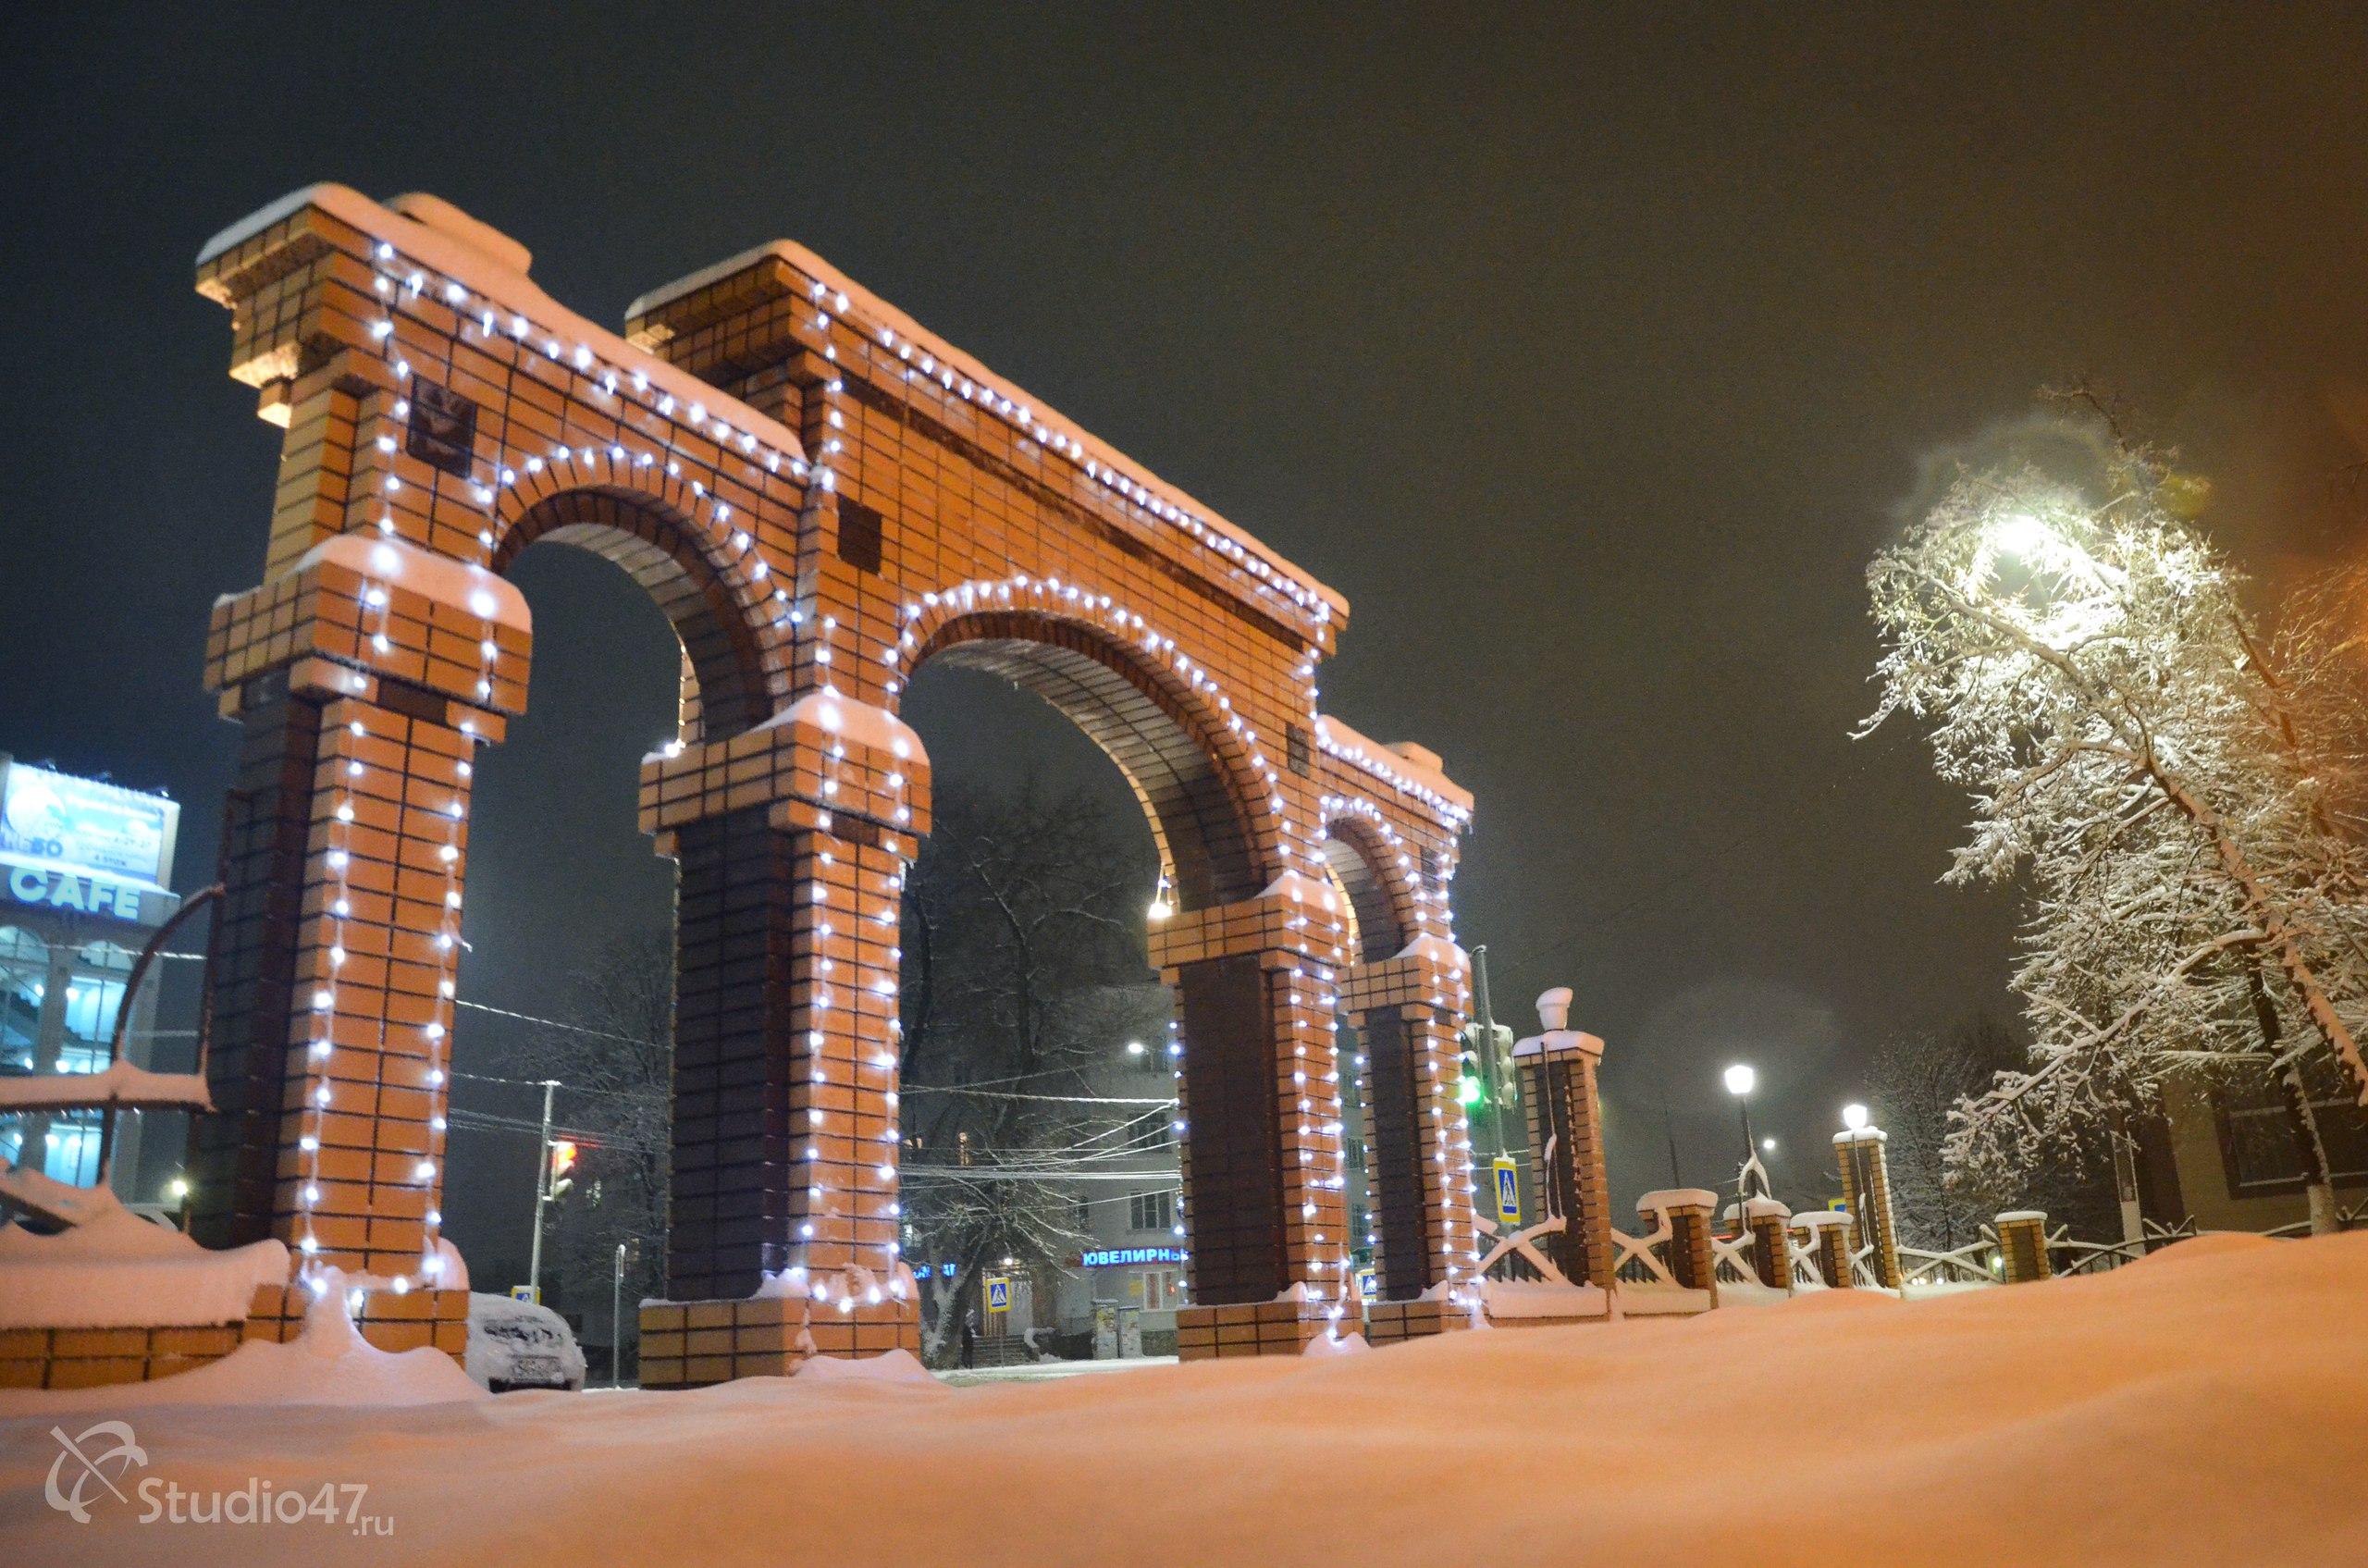 Входная арка в центральный сквер города Борисоглебска